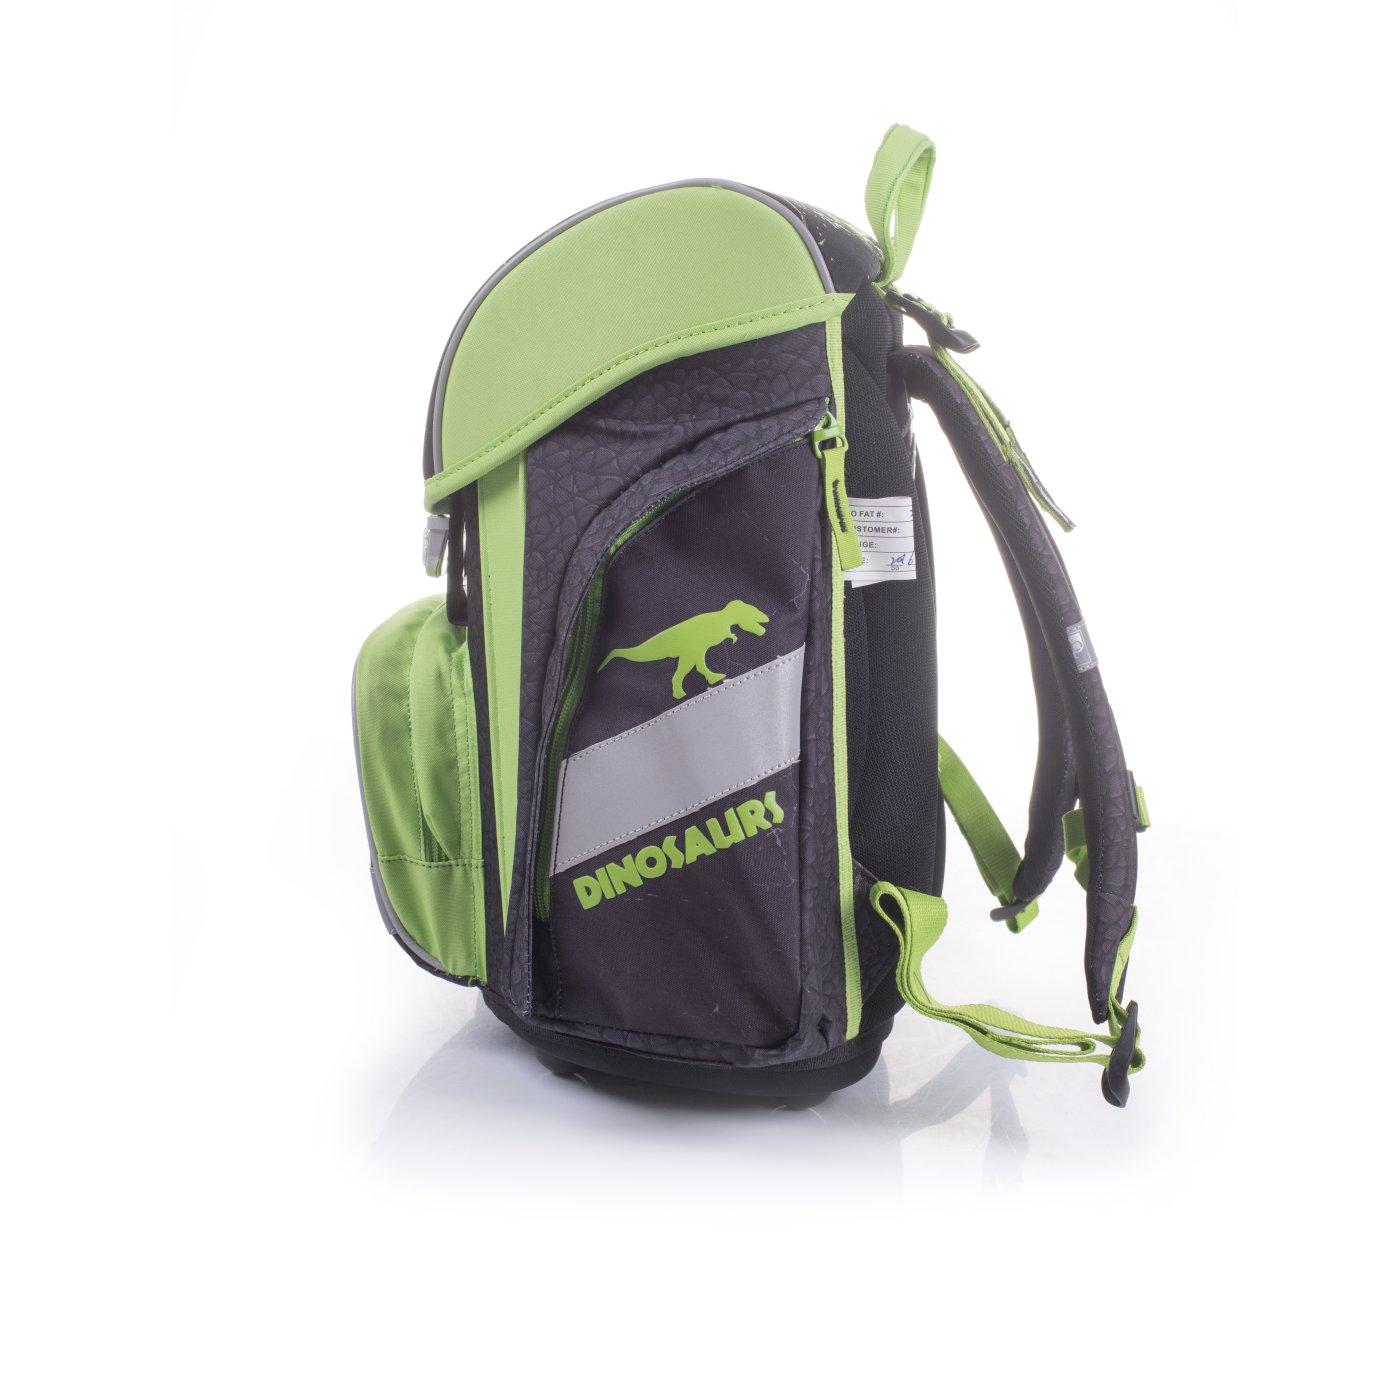 0195a3ddb5e Školní batoh PREMIUM Premium Dinosaurus - Školní potřeby » BATOHY A ...